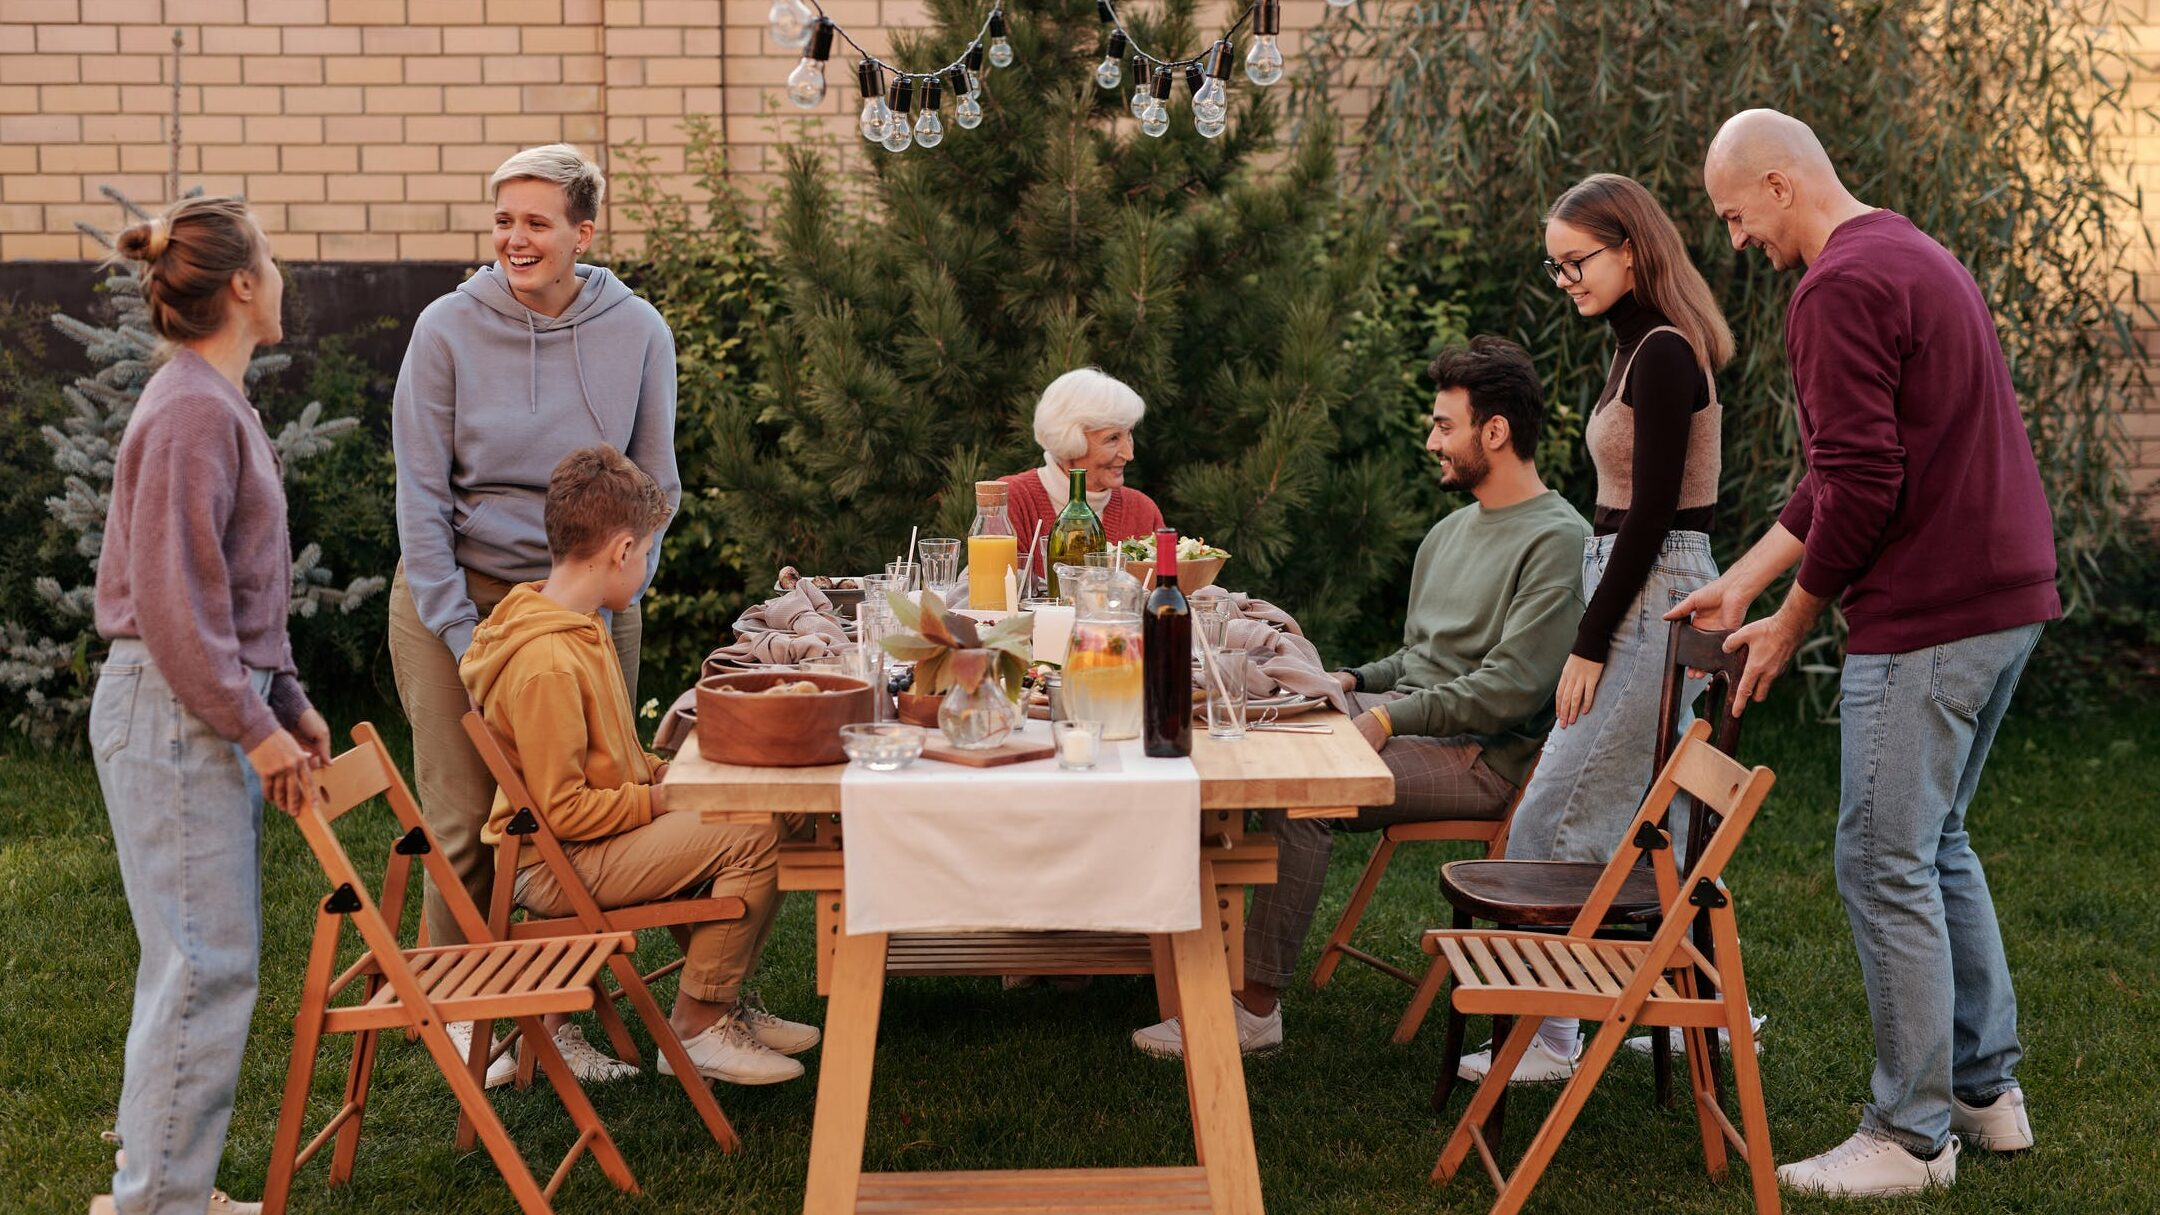 親孝行したいときに親はなしと後悔する前に…何ができる?何する?例は?のイメージ画像4